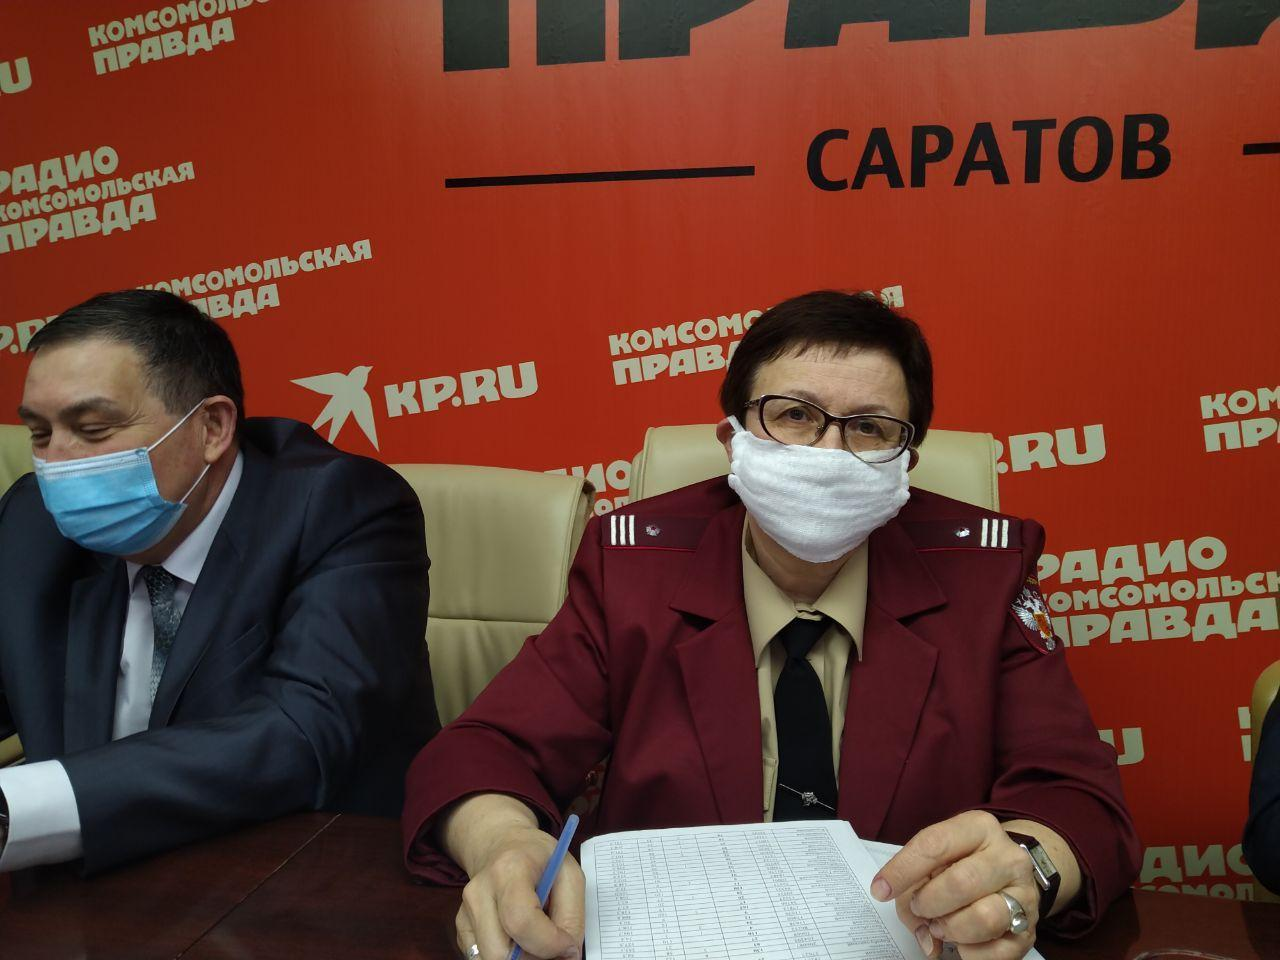 Саратовская область готова ко второму этапу снятия ограничений